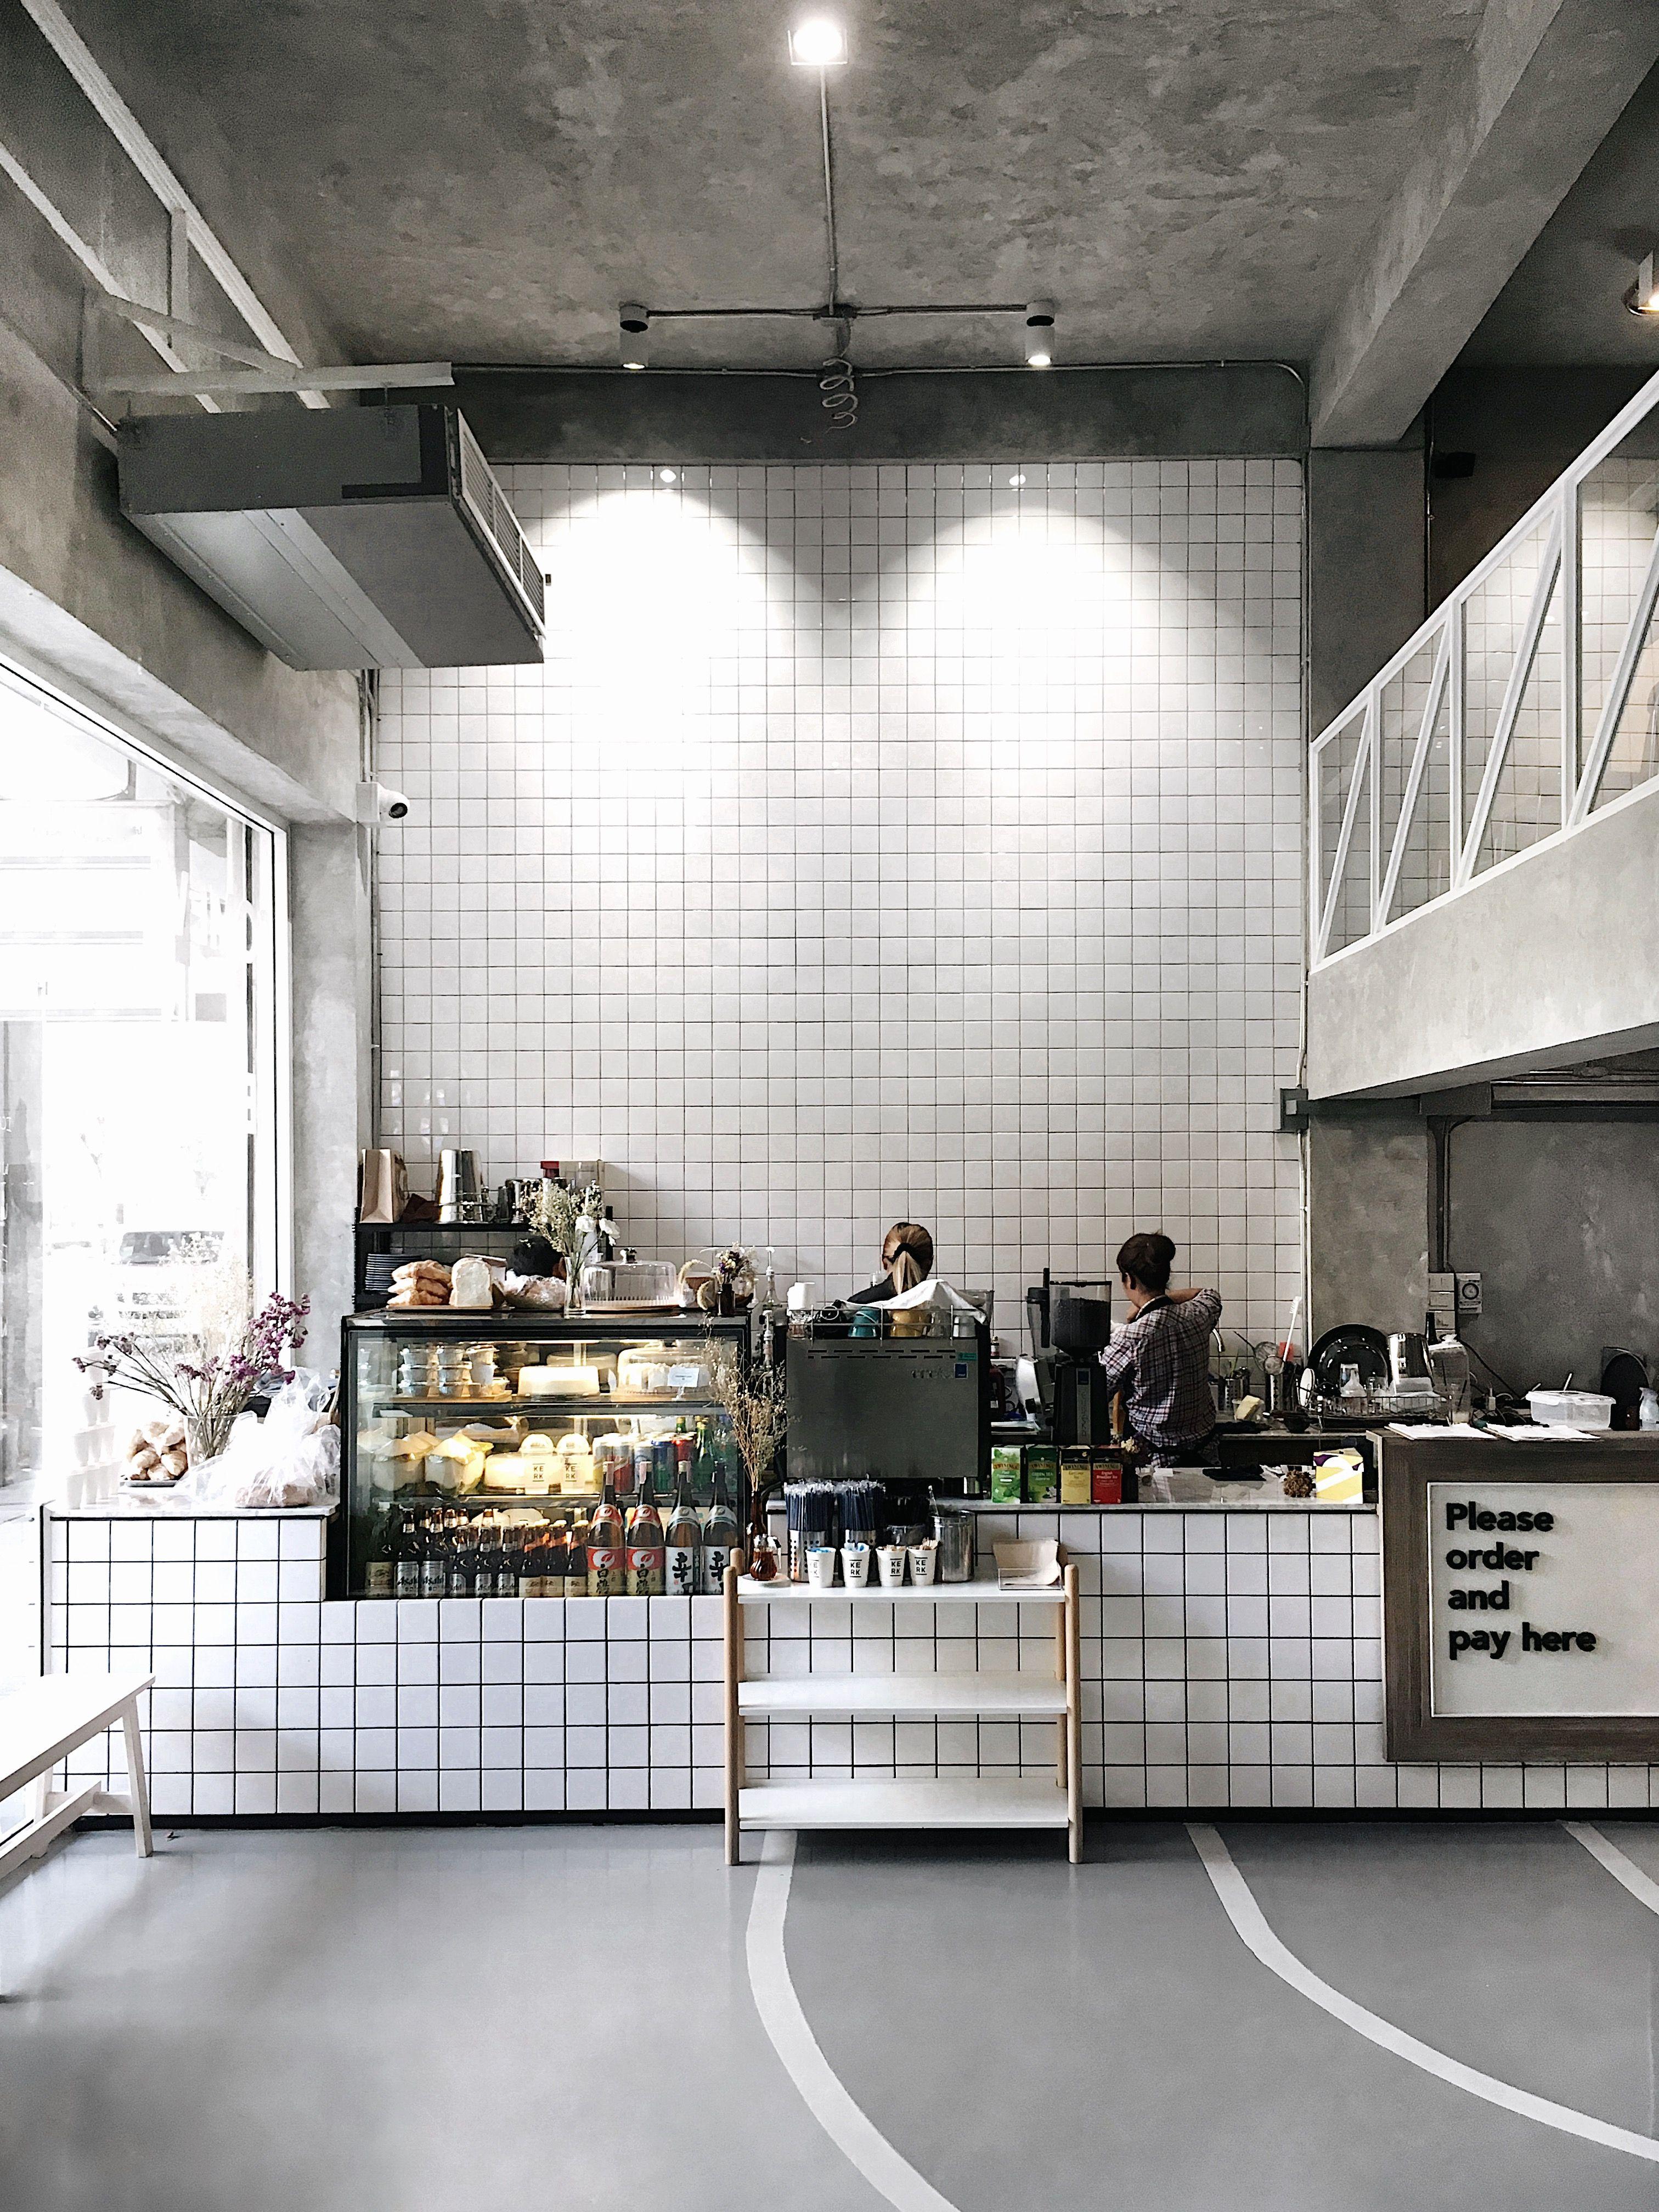 kerk cafe, bangkok | cafe | Pinterest | Cafes